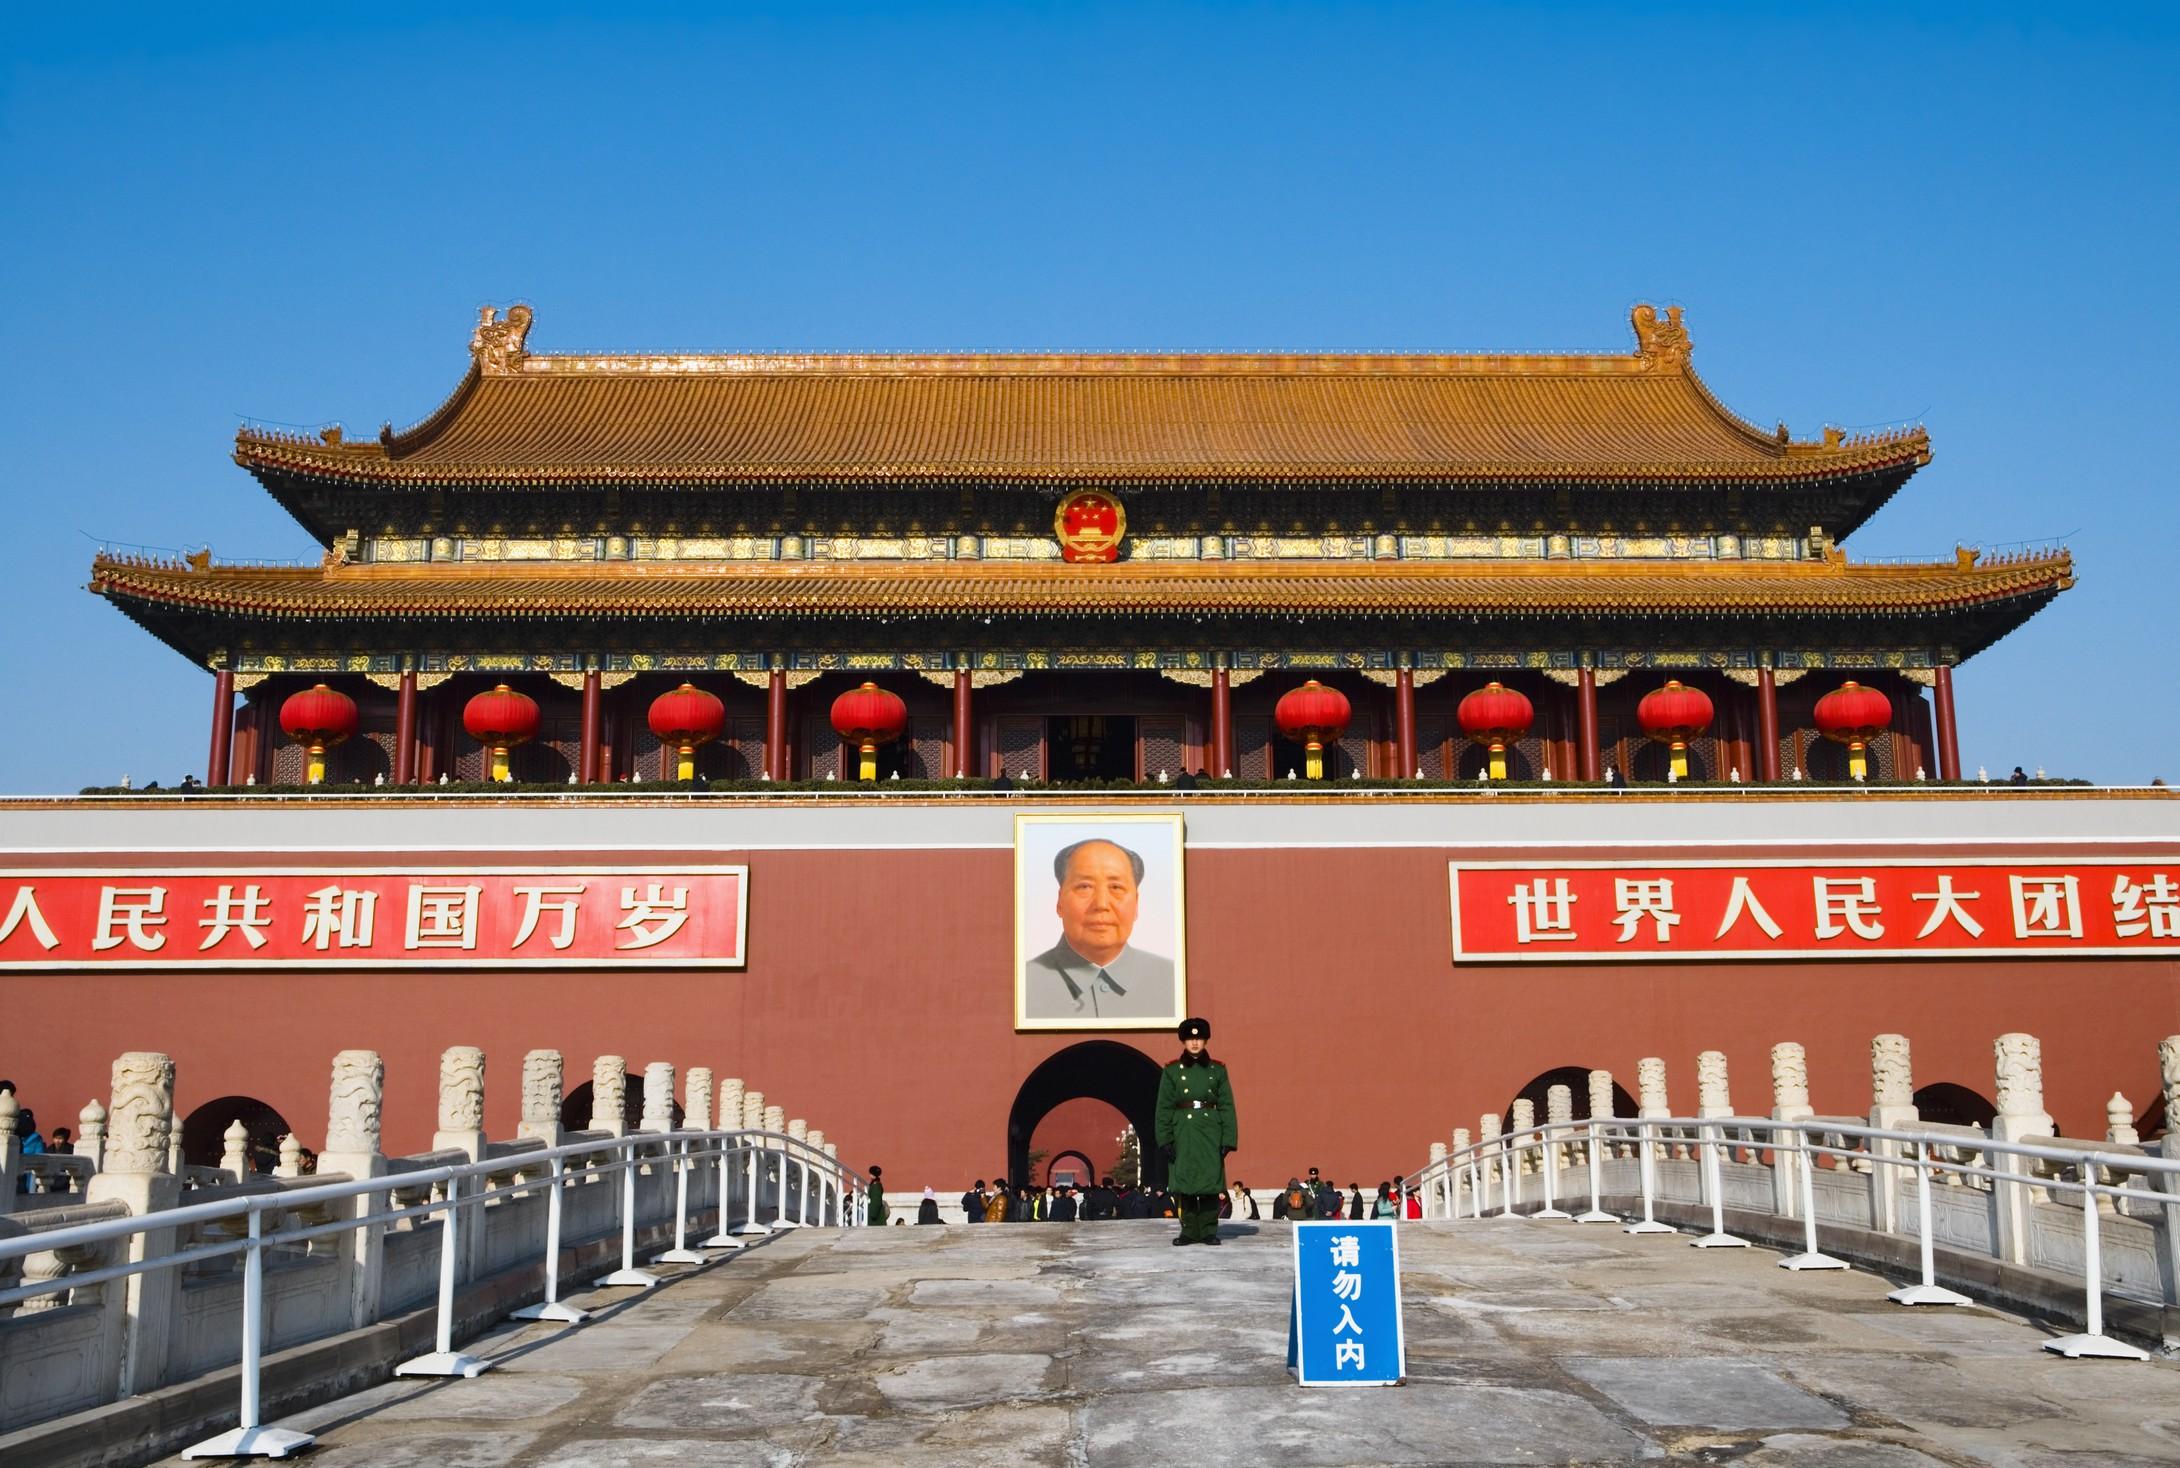 天安门PPT背景图片免费下载是由PPT宝藏(www.pptbz.com)会员zengmin上传推荐的风景PPT背景图片, 更新时间为2016-10-02,素材编号104322。 天安门是中华人民共和国的象征,坐落在中华人民共和国首都北京市的中心、故宫的南端,与天安门广场隔长安街相望。是明清两代北京皇城的正门。设计者为明代御用建筑匠师蒯祥。城台下有券门五阙,中间的券门最大,位于北京皇城中轴线上,过去只有皇帝才可以由此出入。正中门洞上方悬挂着巨大的毛泽东主席画像,两边分别是中华人民共和国万岁和世界人民